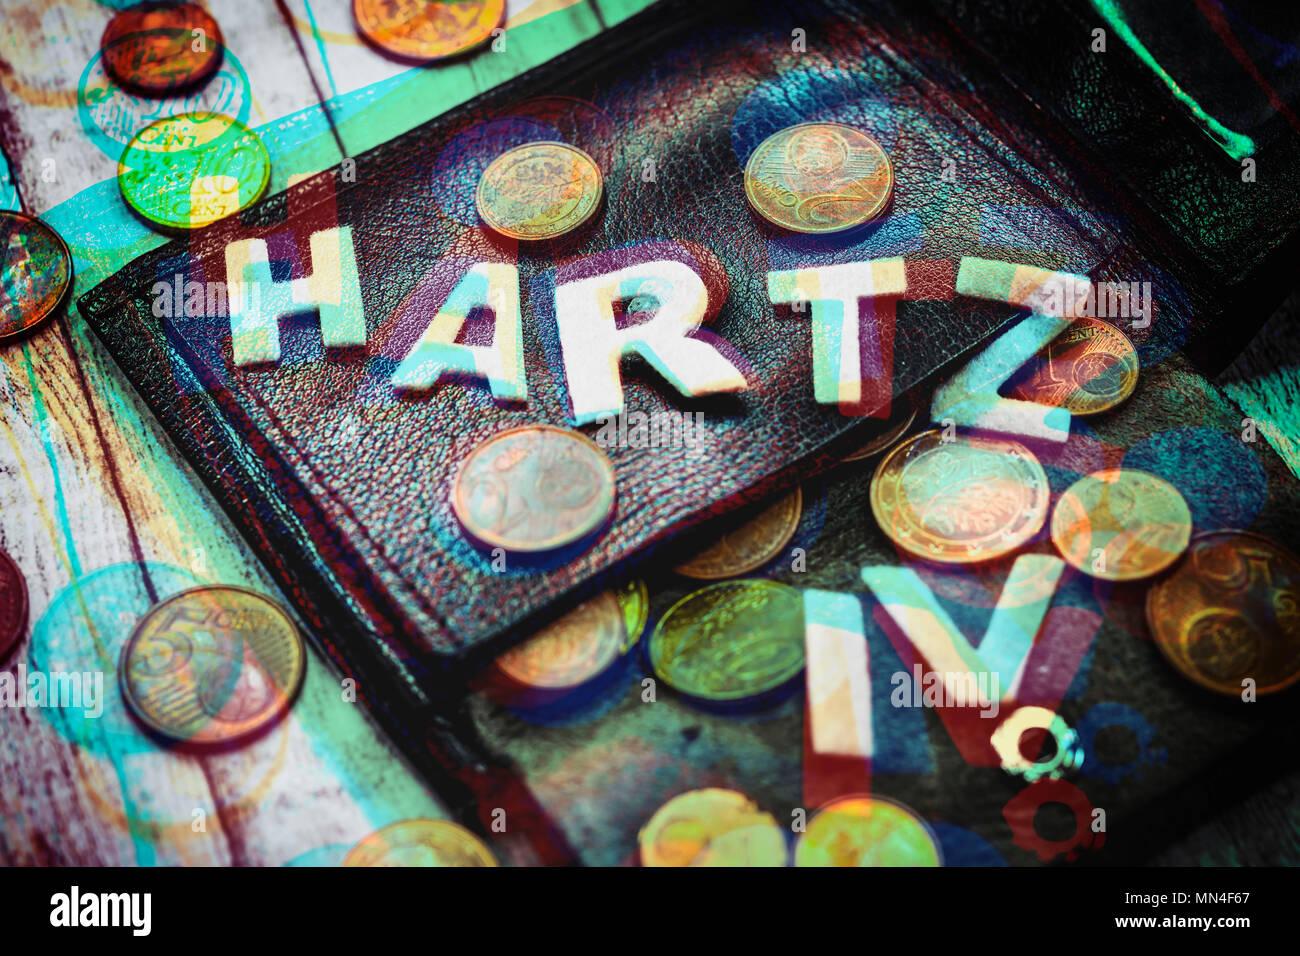 Wallet with small money and lettering Hartz IV, Portemonnaie mit Kleingeld und Schriftzug Hartz IV - Stock Image